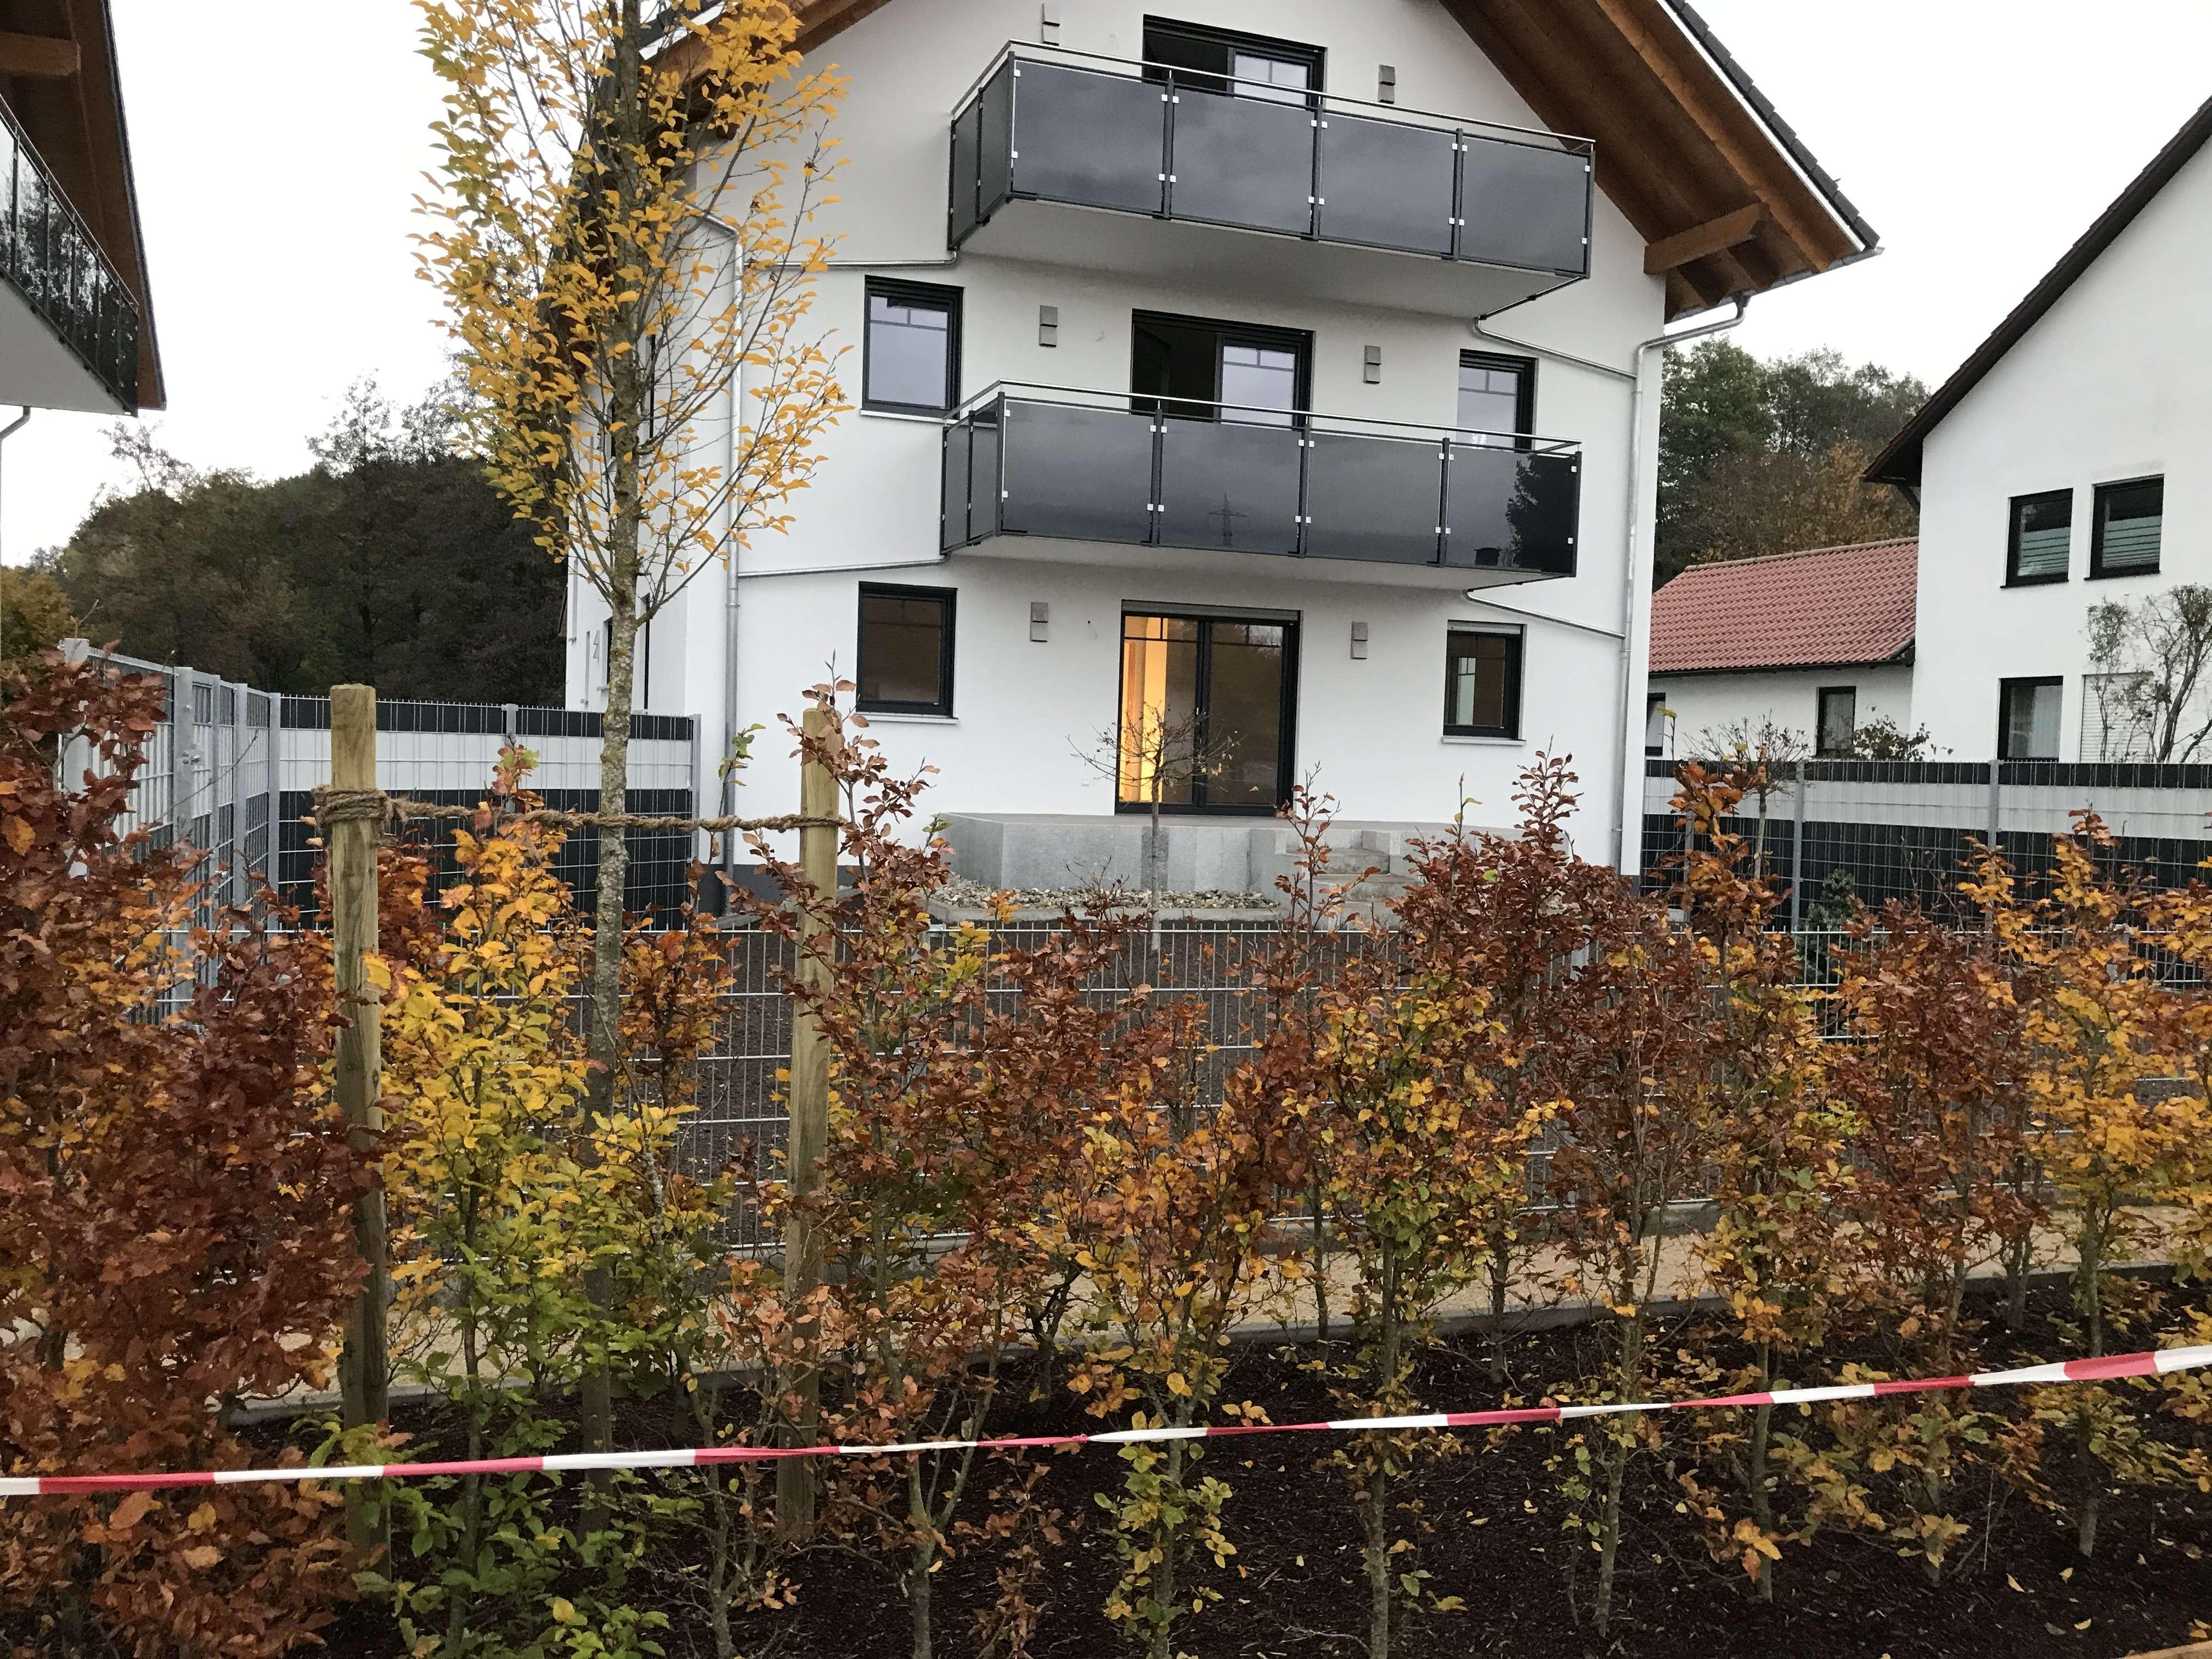 Erstbezug, Obergeschosswhng mit Einbauküche, großen Balkon und Gartenanteil auch möglich in